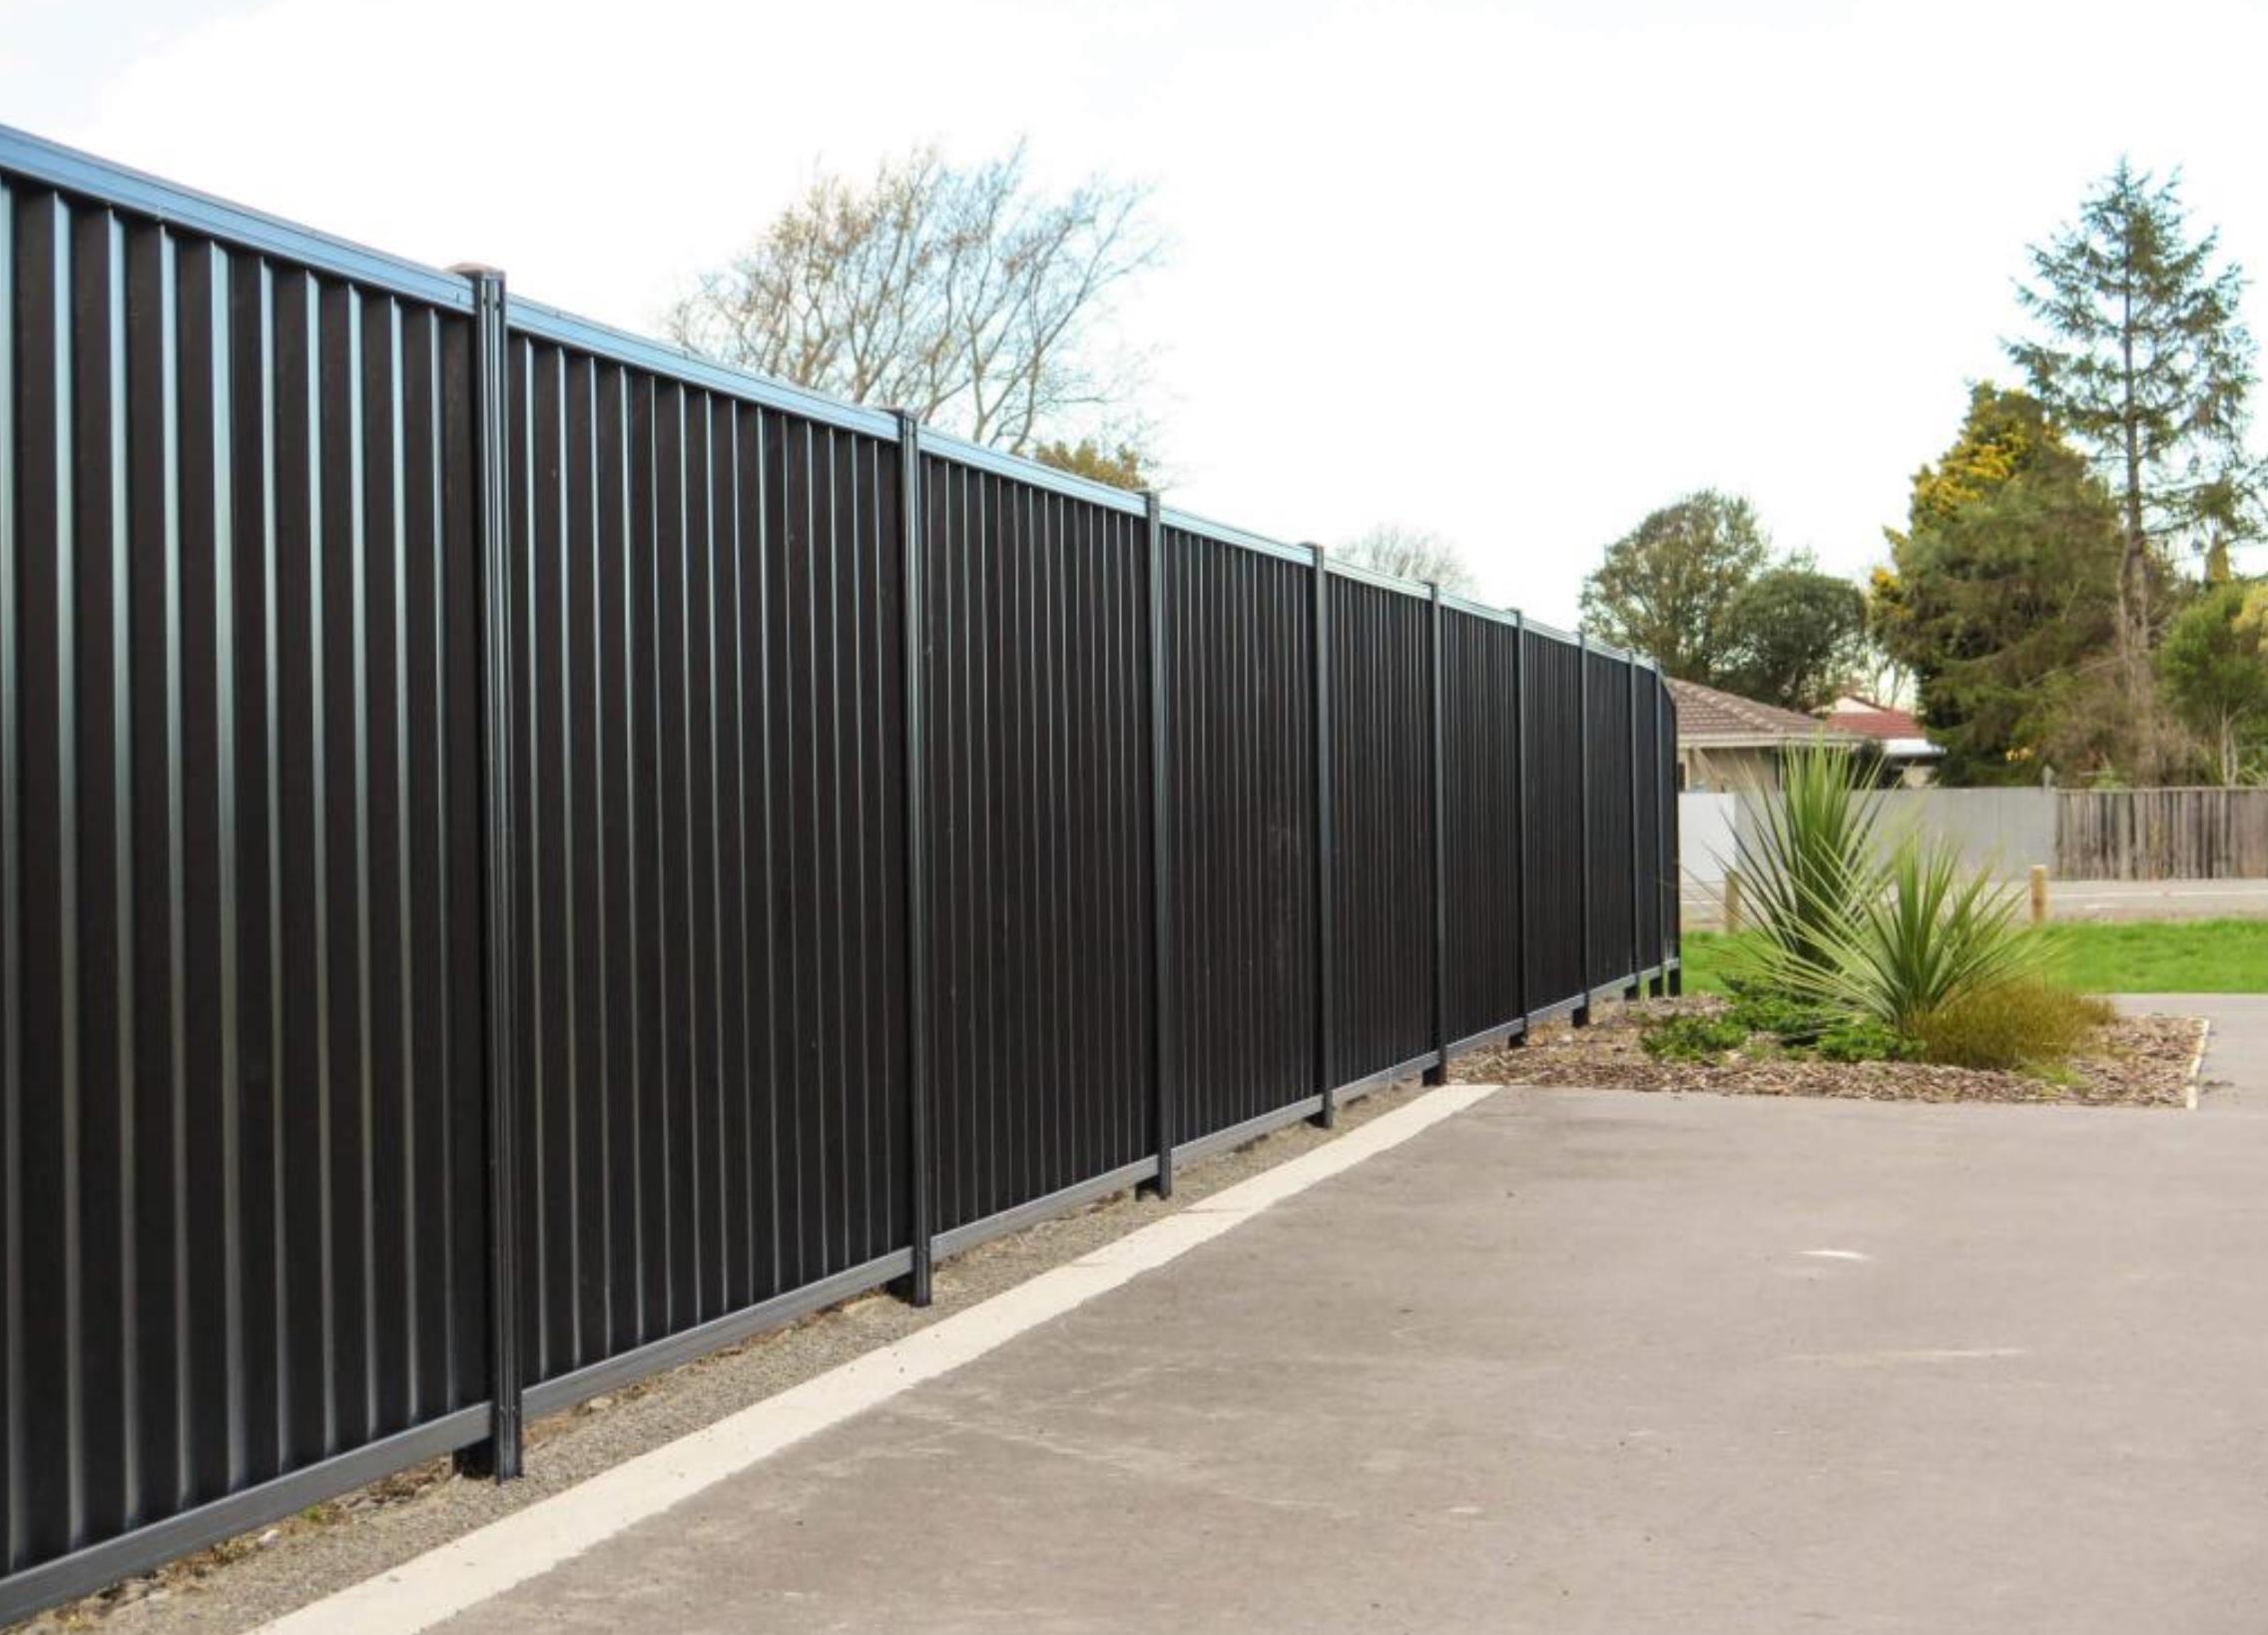 Забор из профнастила фото высокого качества